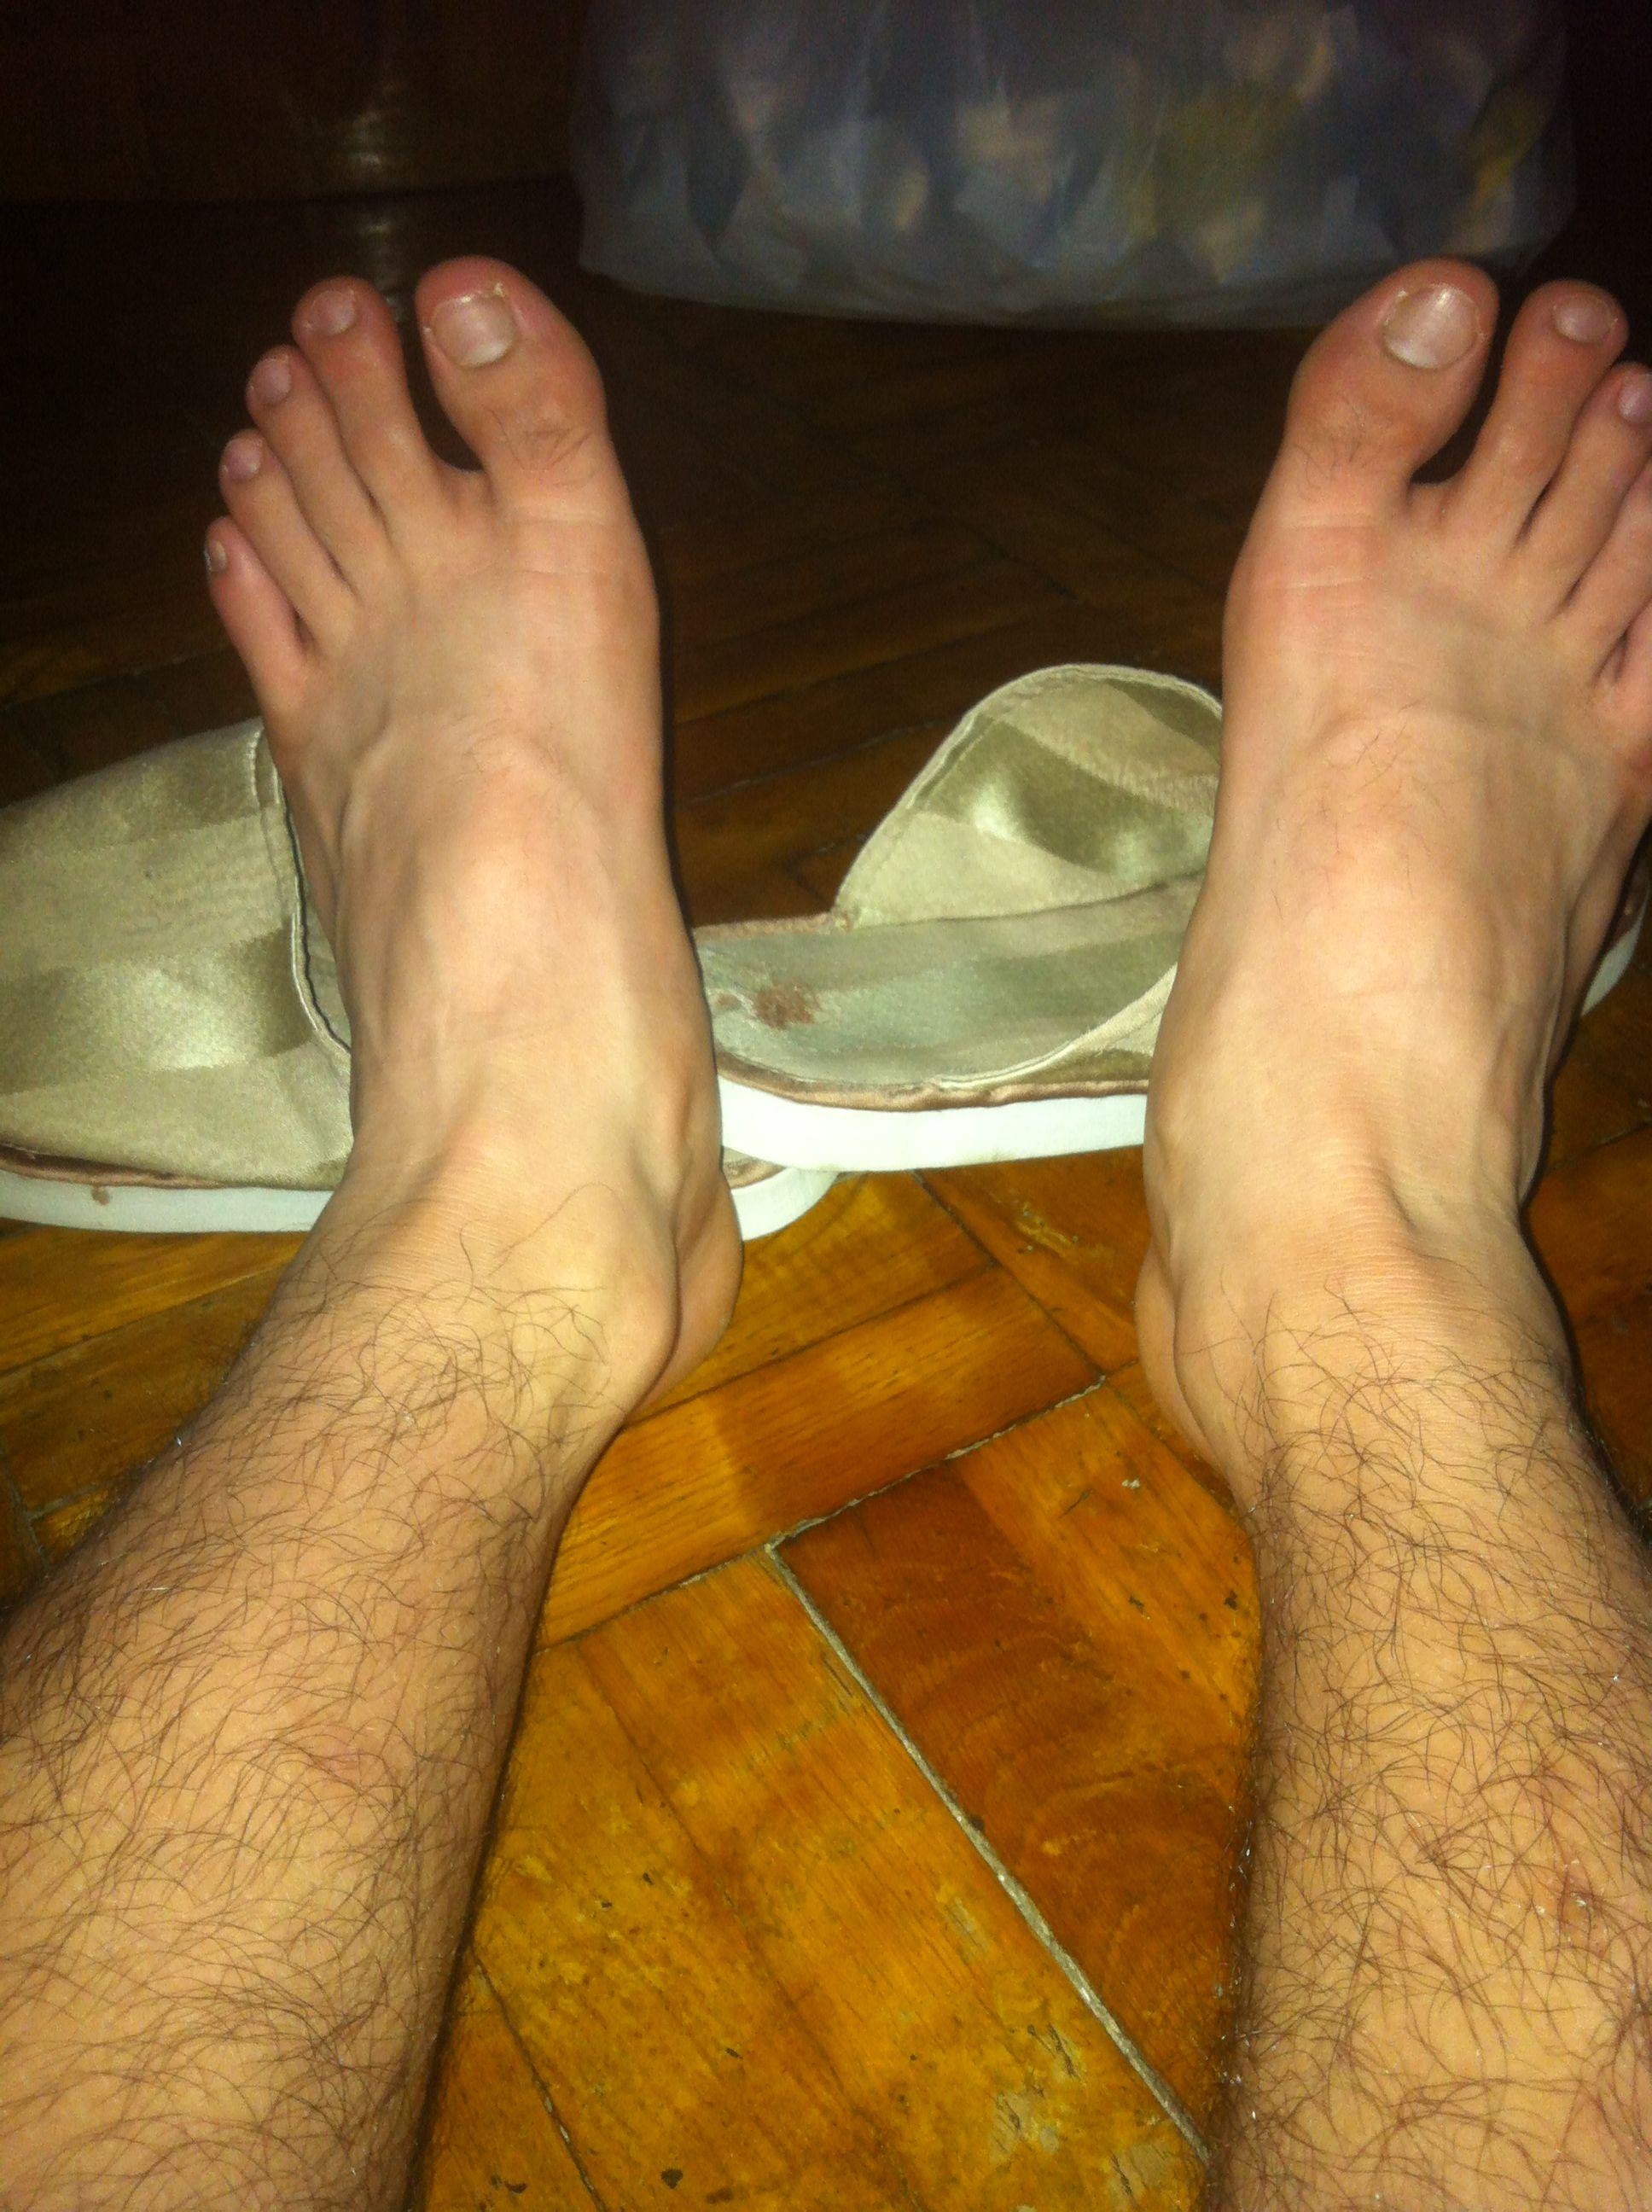 受爬开又被捉住脚踝拖回来 攻拖受脚踝从床底拉出来